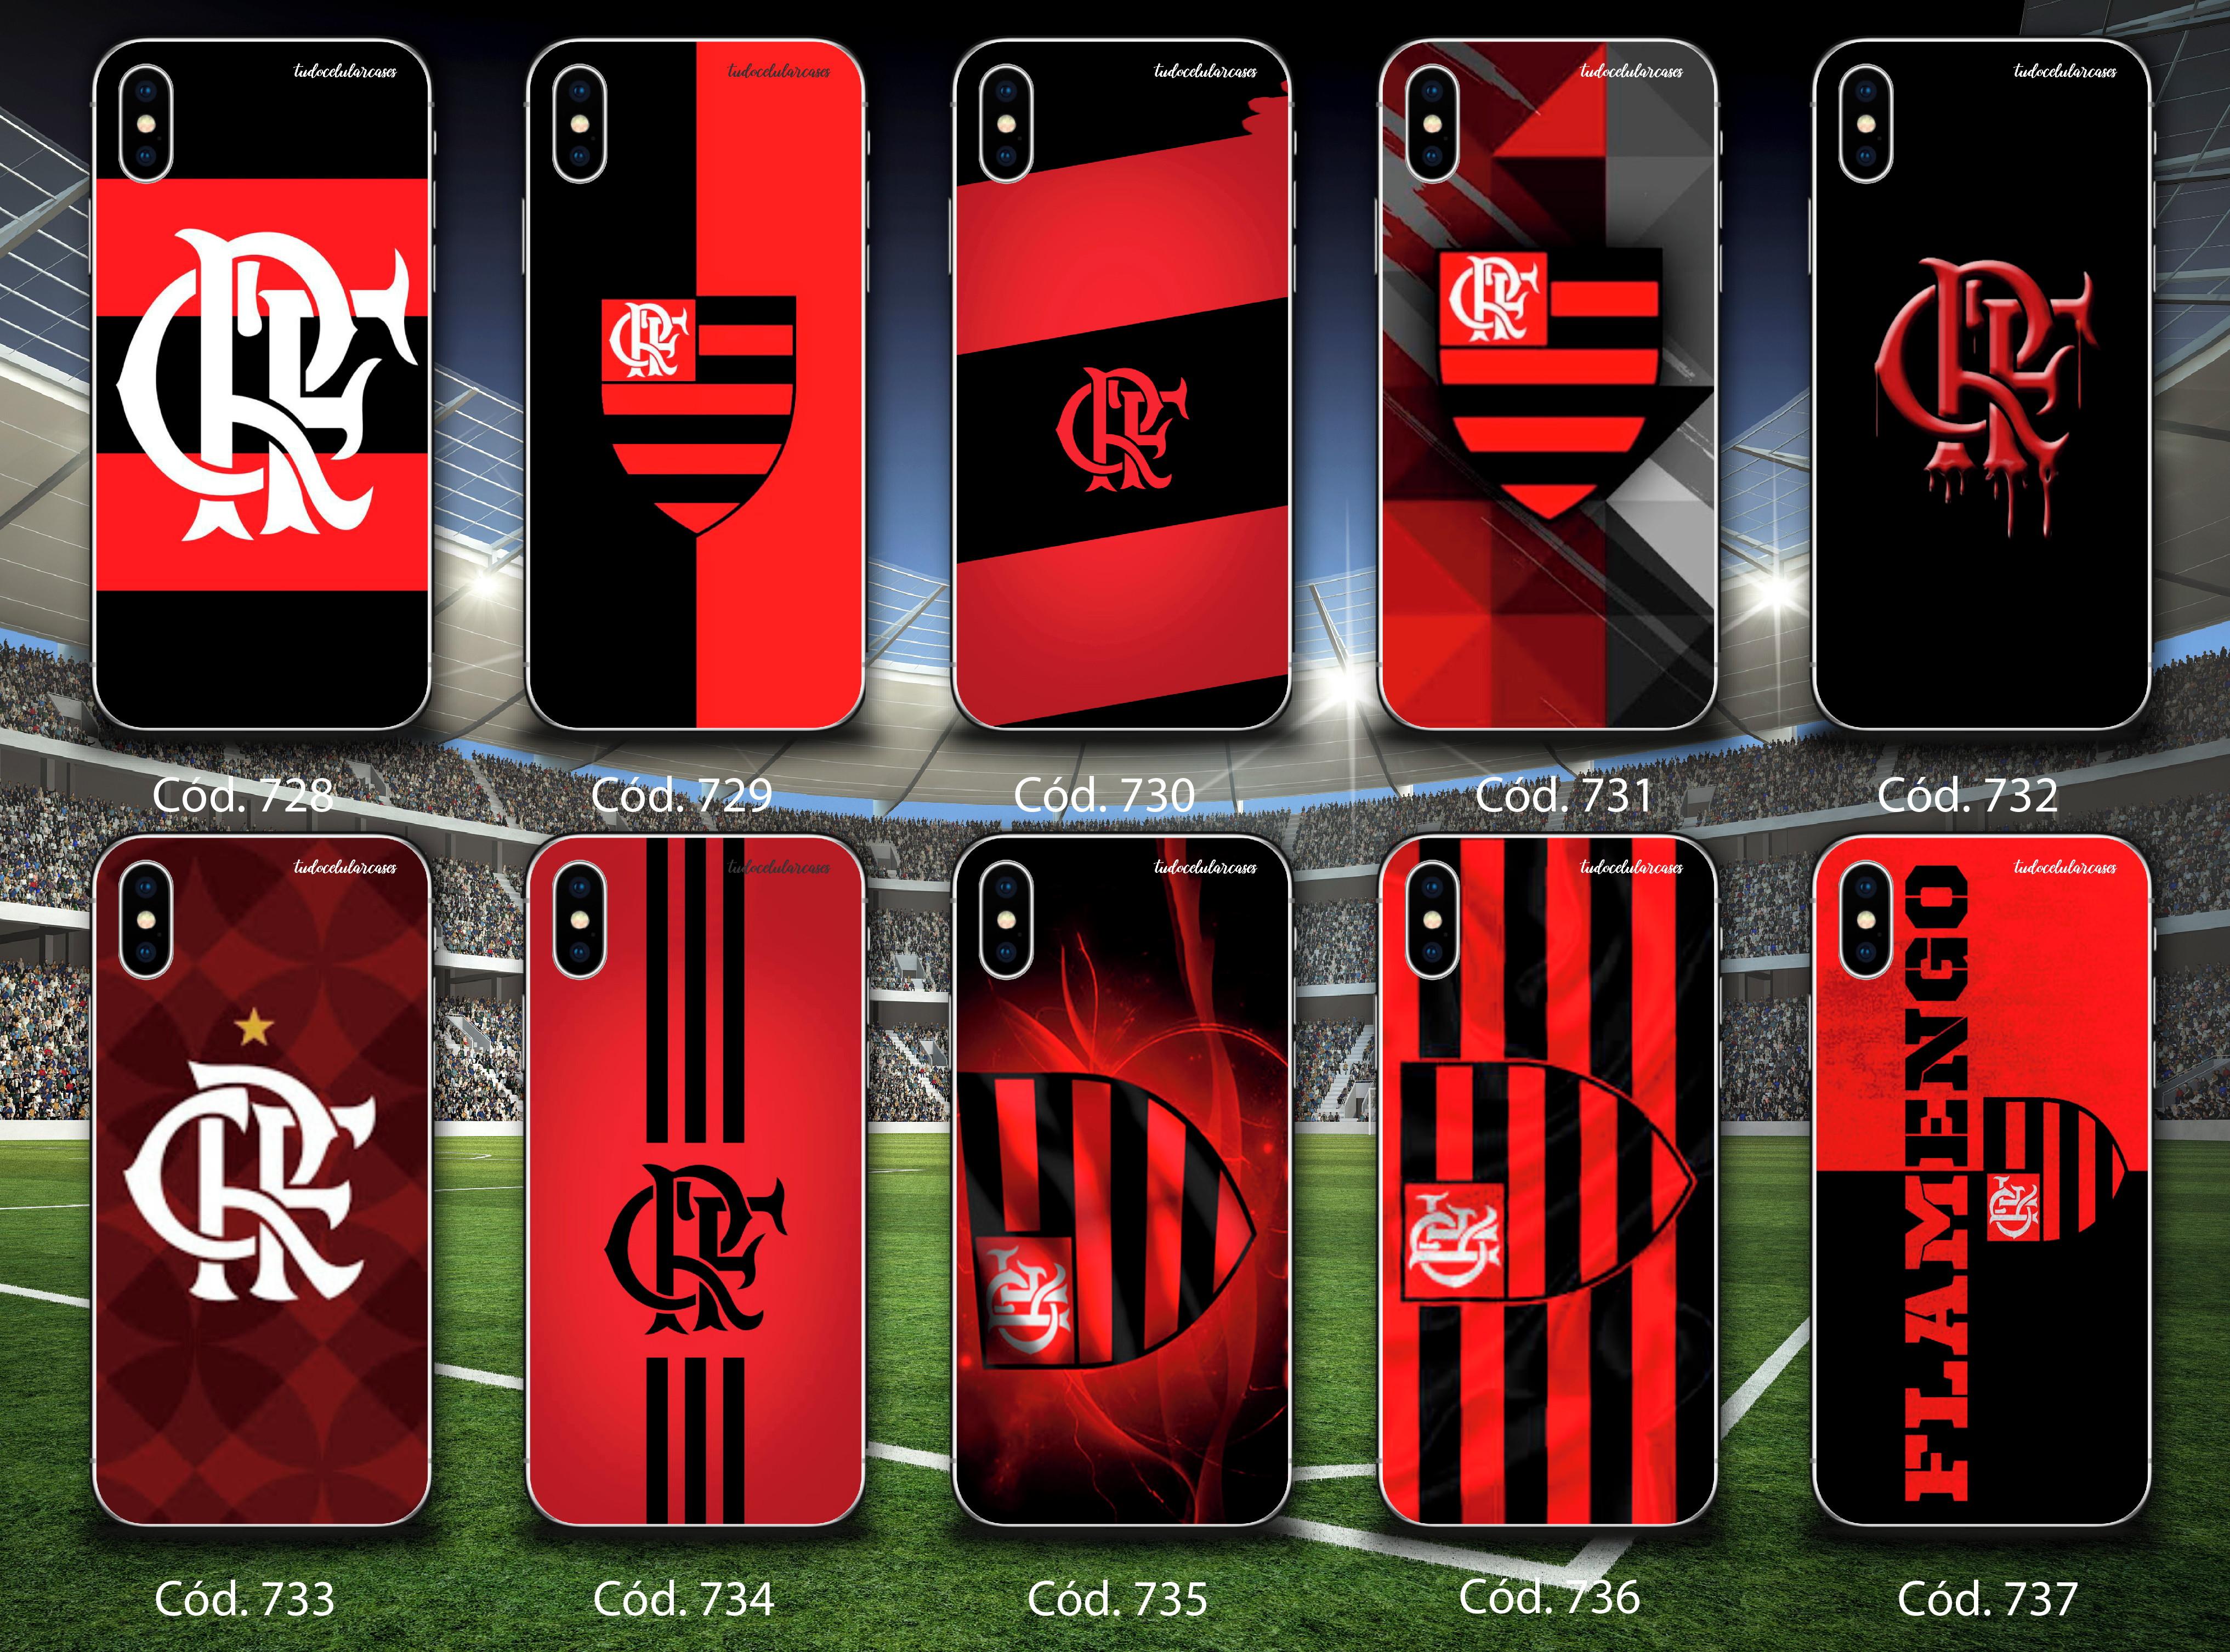 38d96e83edd06 Capa Capinha Motorola Moto G4 G4 Plus Time Sao Paulo 1 | Elo7